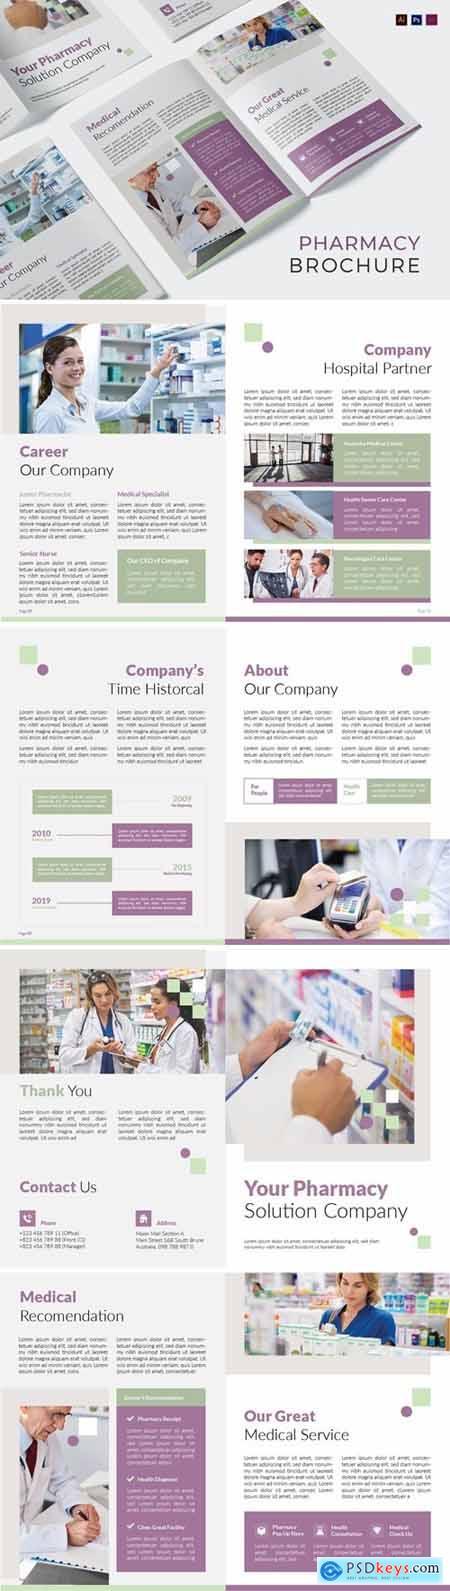 Pharmacy Company Solution Brochure